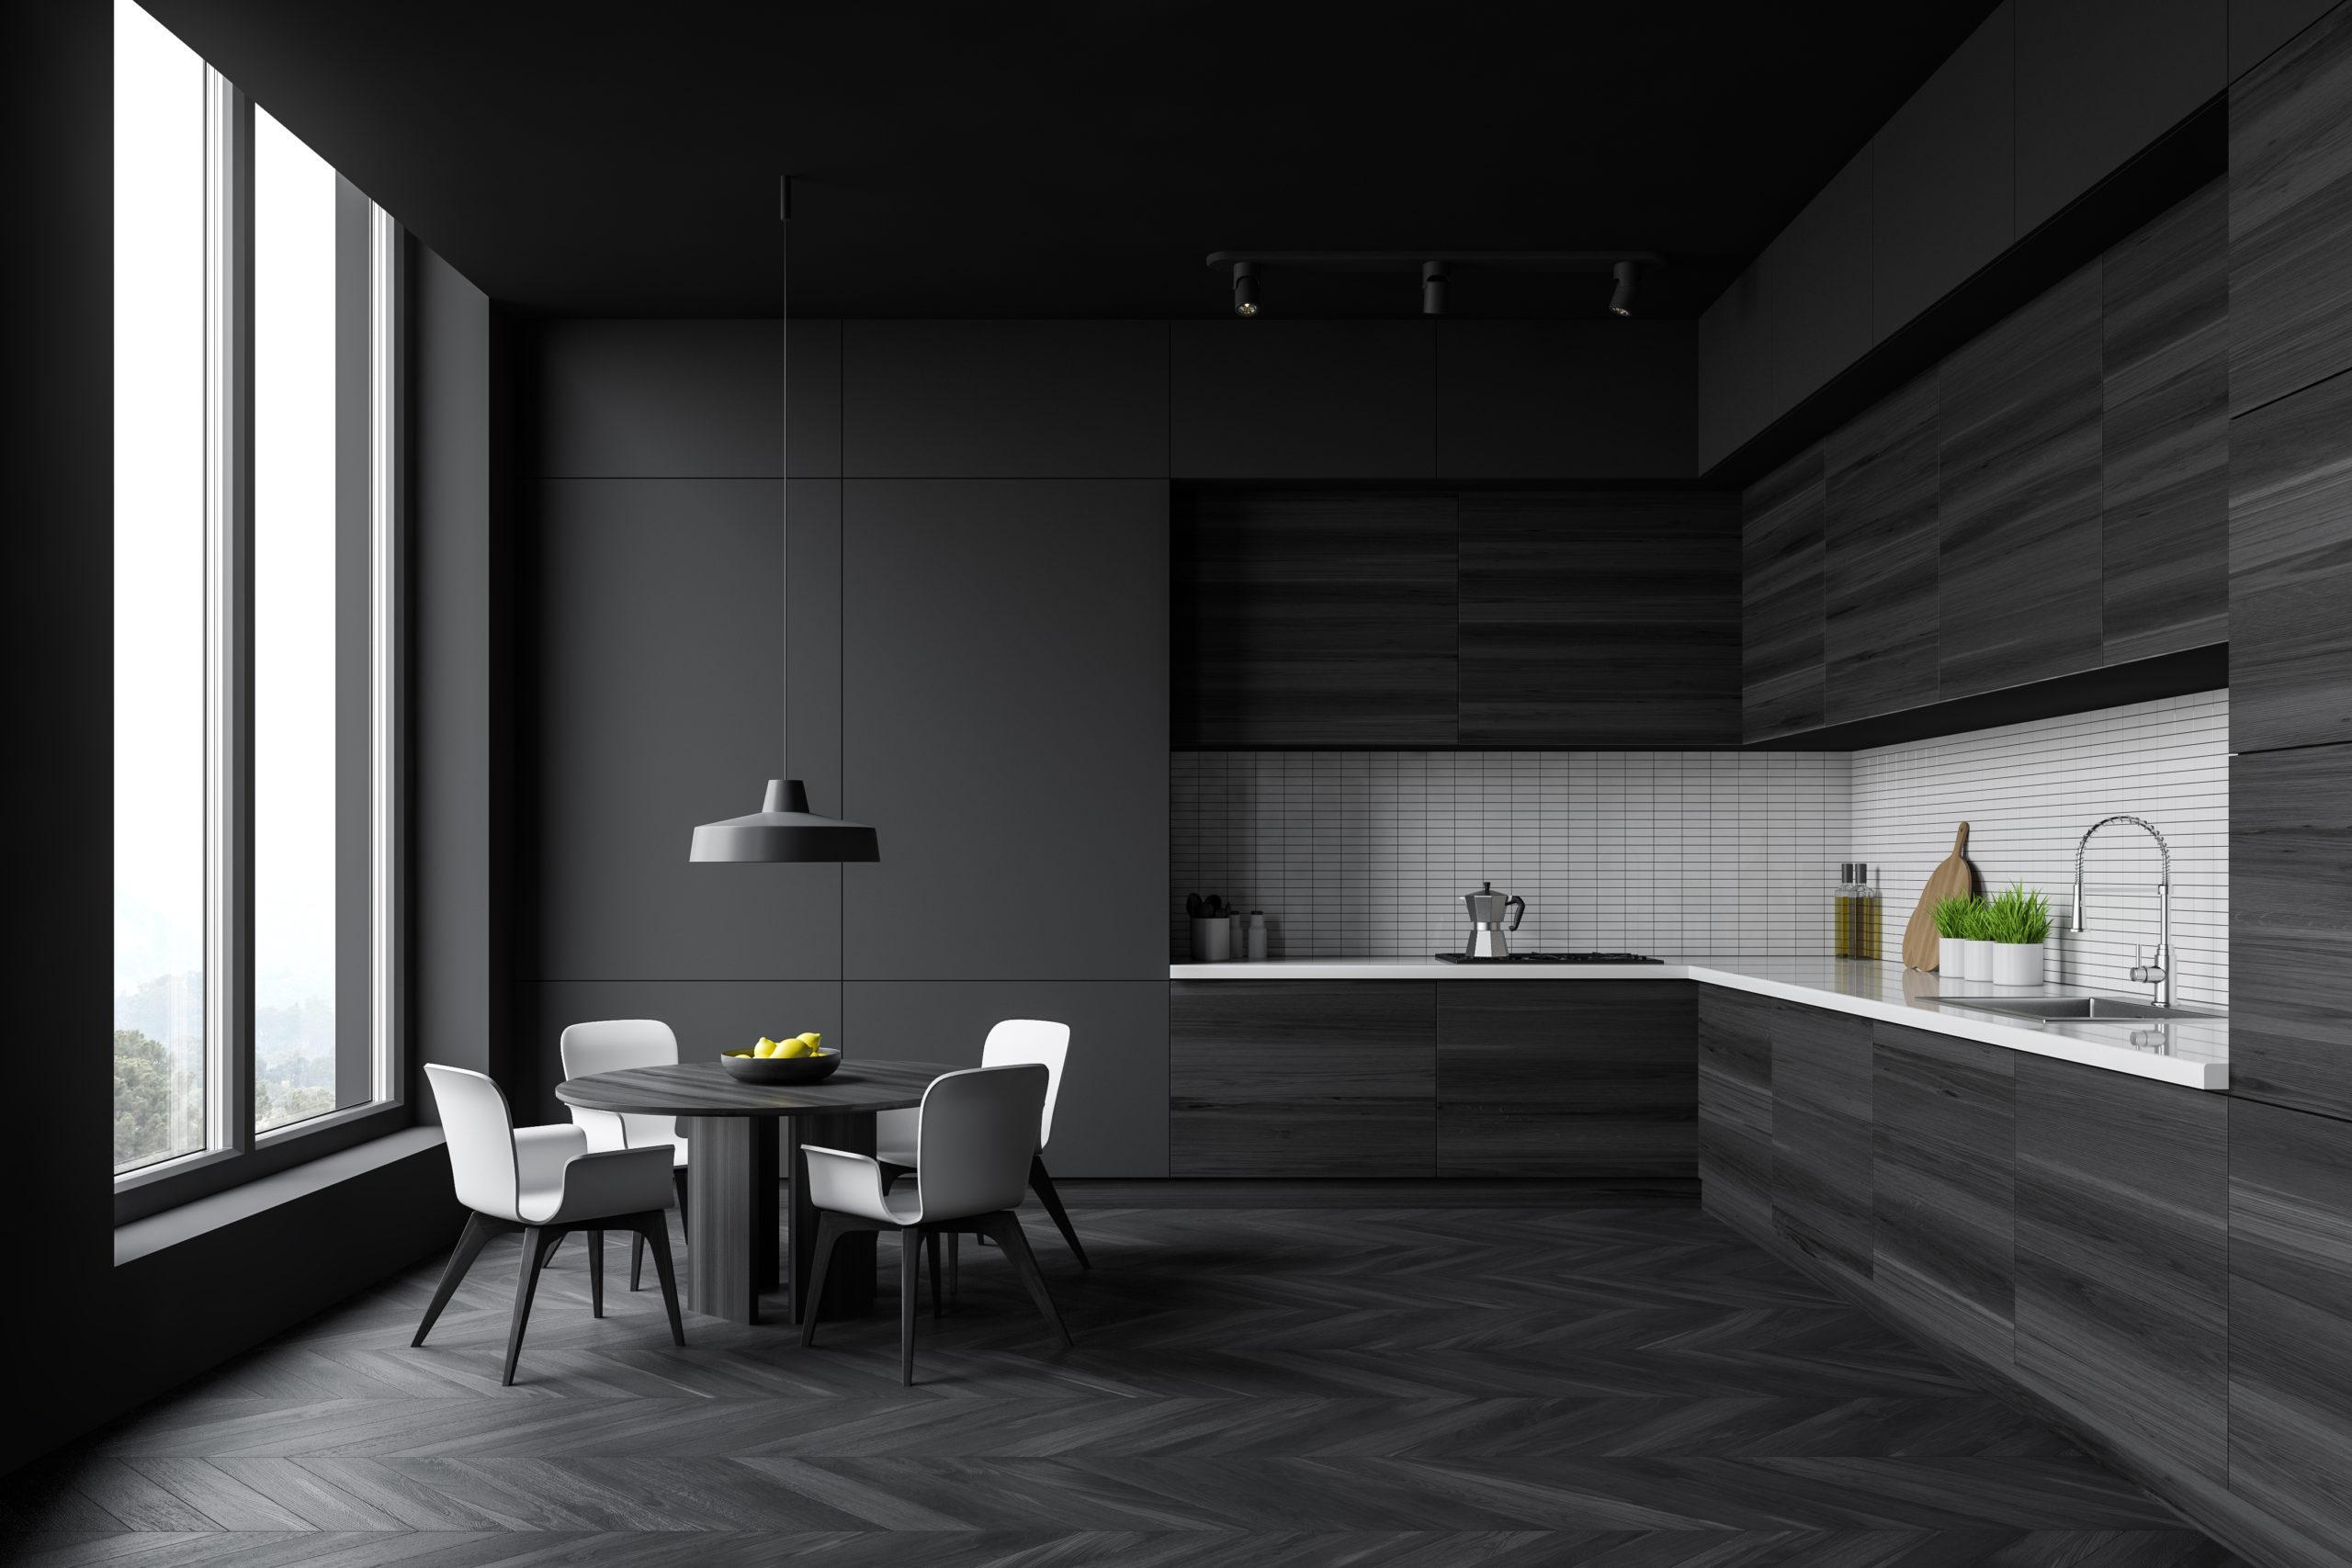 Zdjęcie tytułowe - ciemna kuchnia